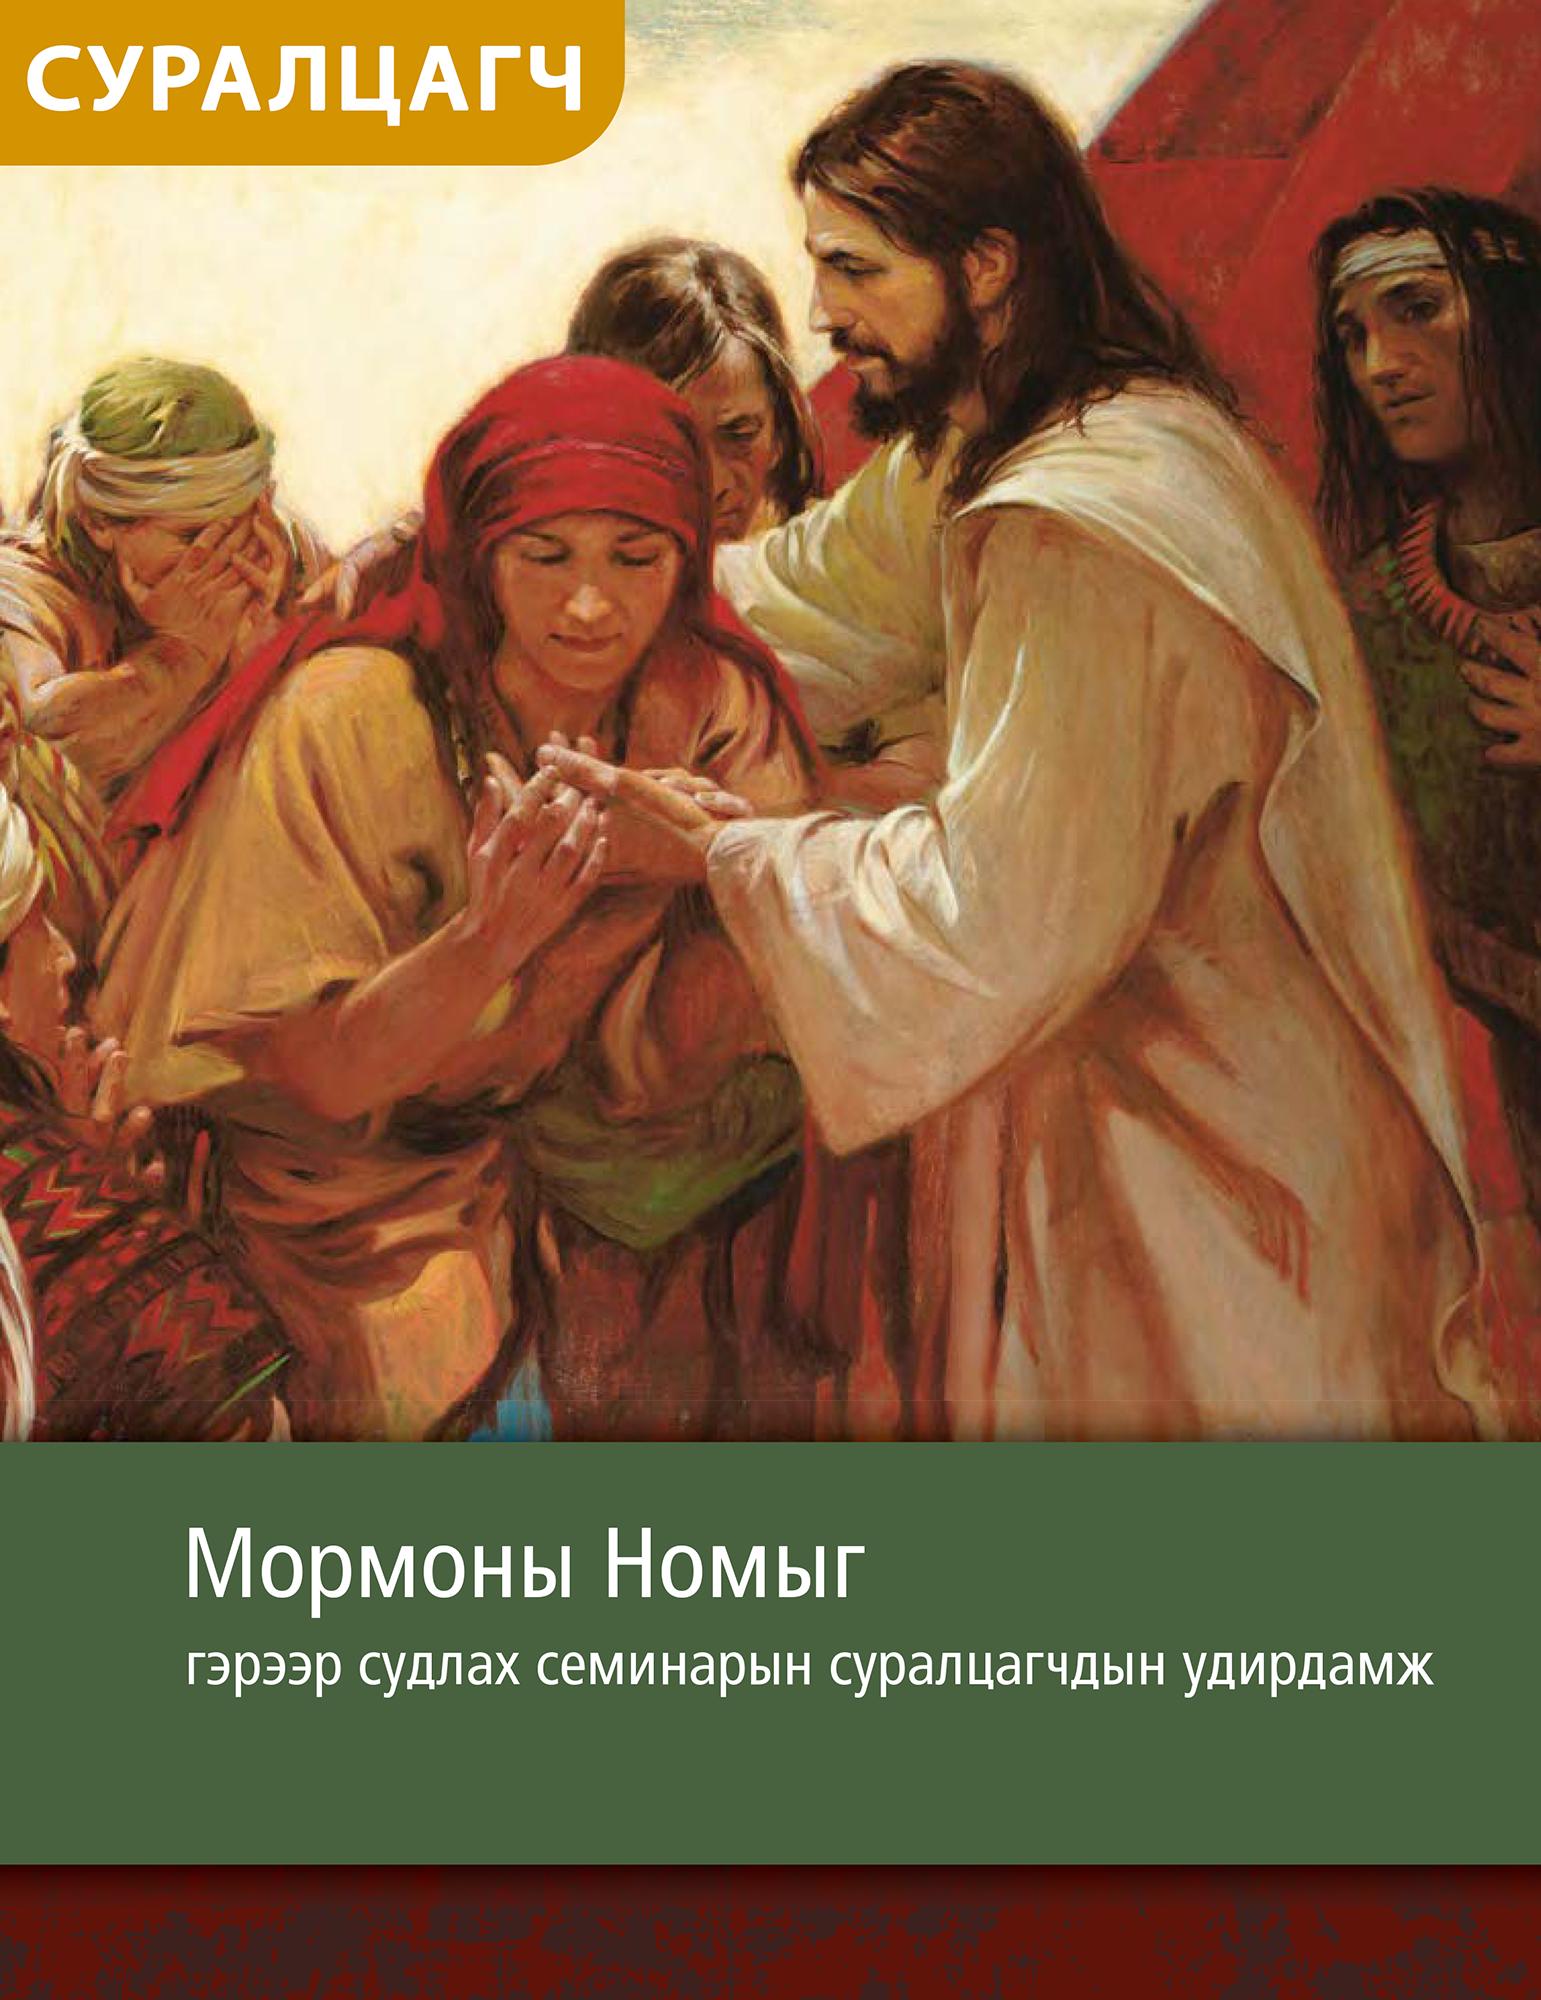 Мормоны Номыг гэрээр судлах семинарын суралцагчдын удирдамж